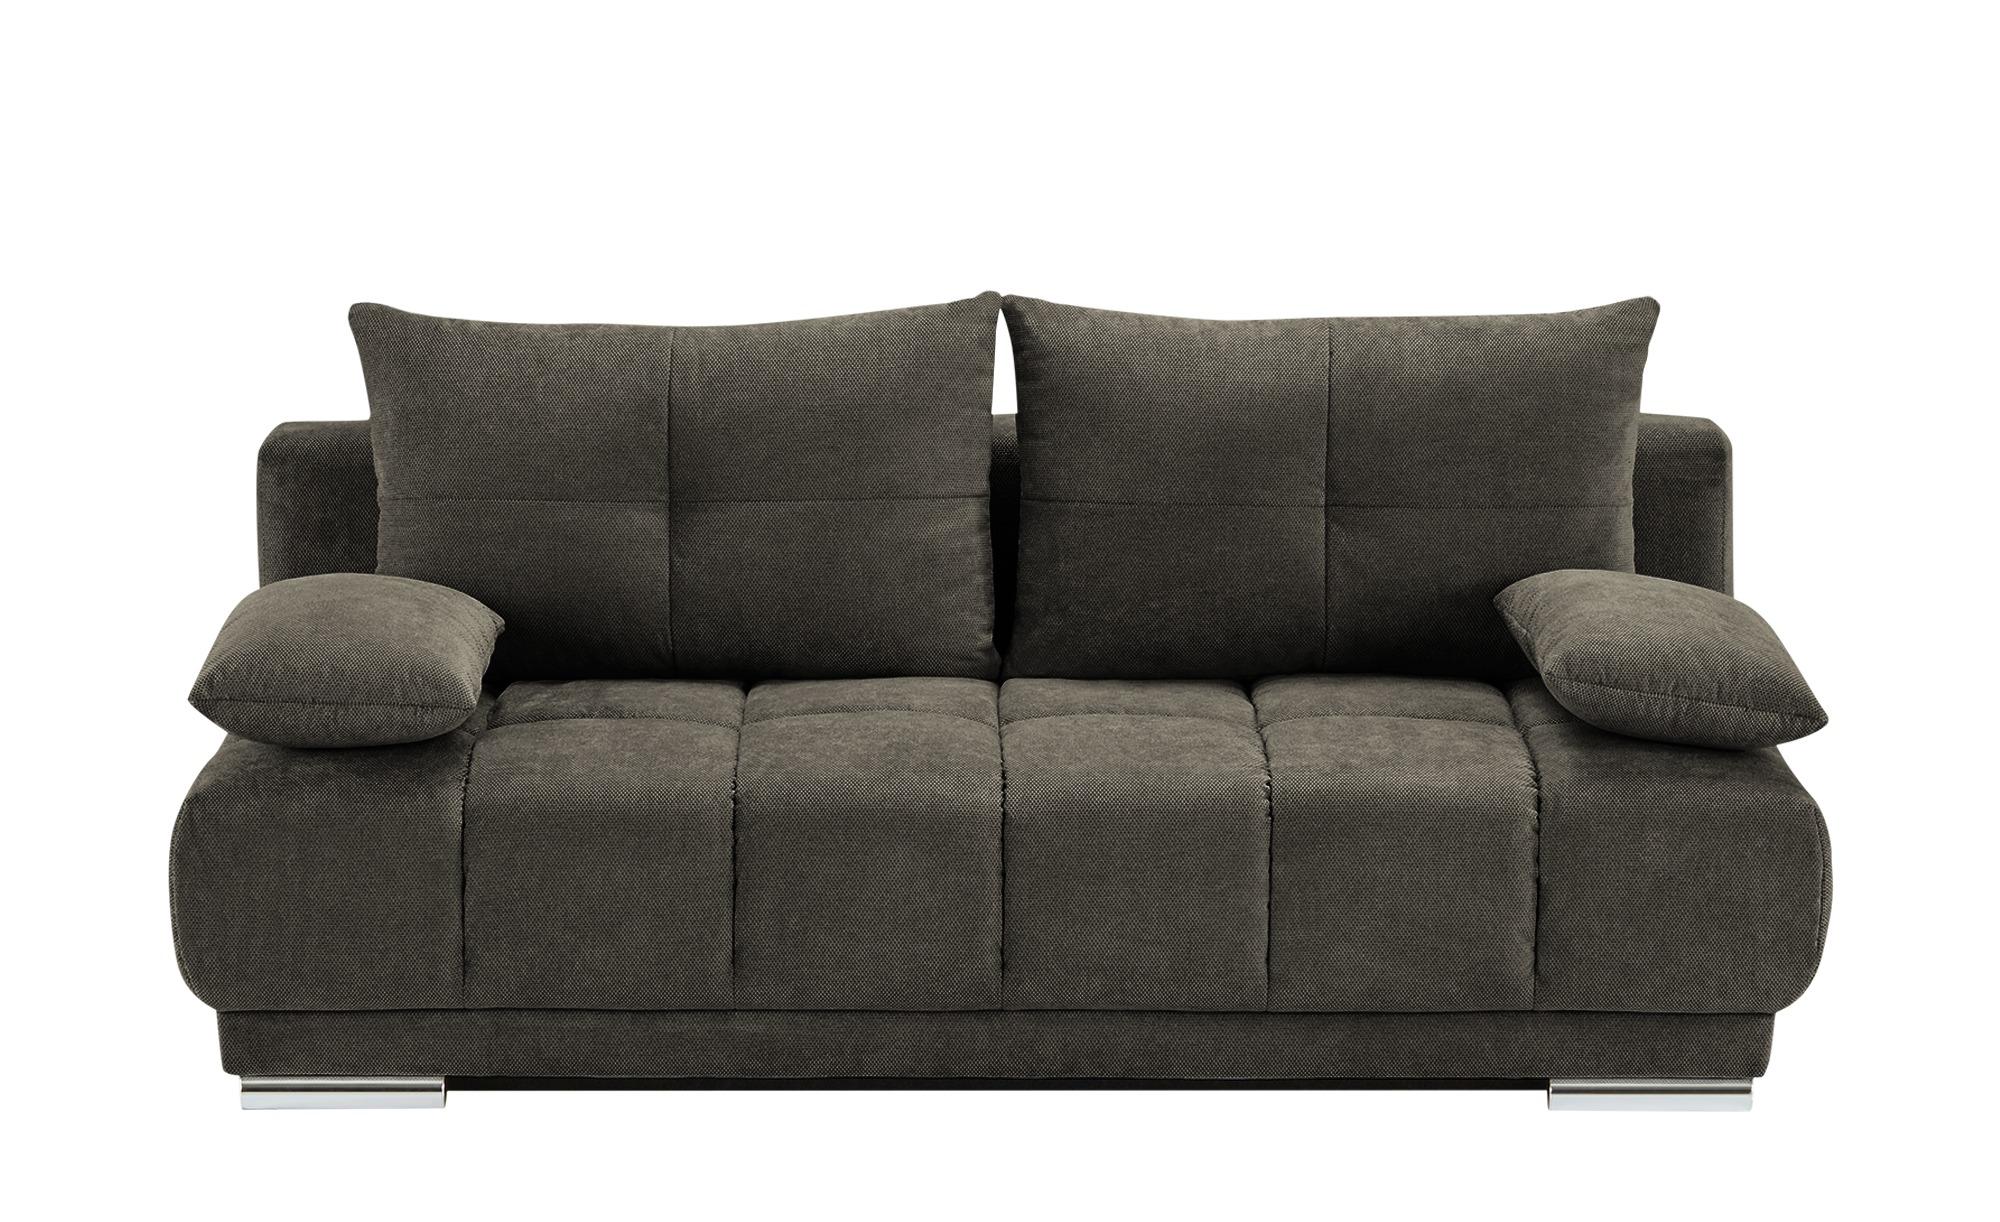 bobb Schlafsofa  Isalie de Luxe ¦ braun ¦ Maße (cm): B: 206 H: 92 T: 105 Polstermöbel > Sofas > Einzelsofas - Höffner